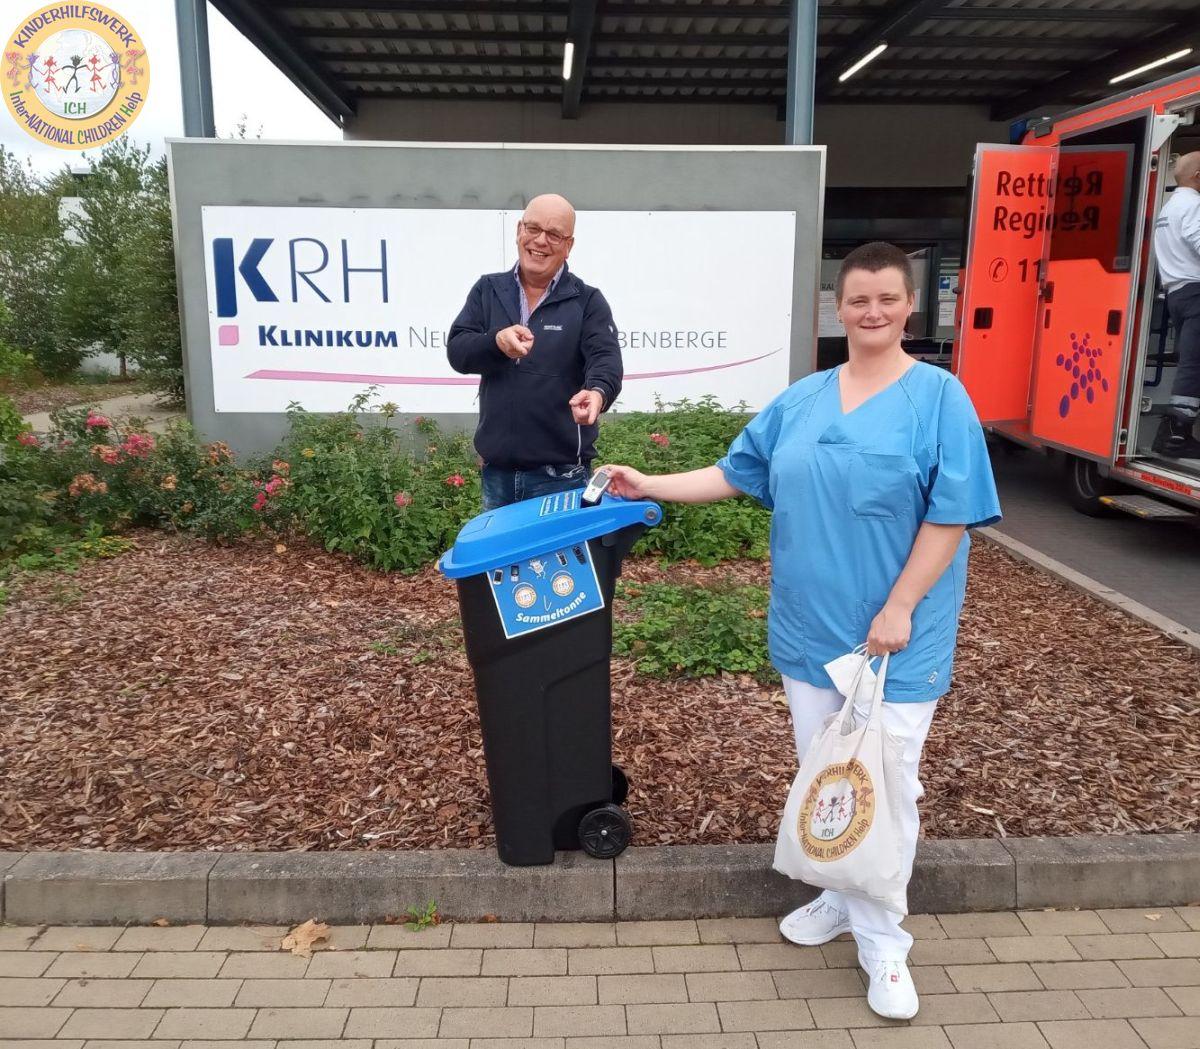 Handy-Sammeltonne für das KRH Klinikum Neustadt am Rübenberge